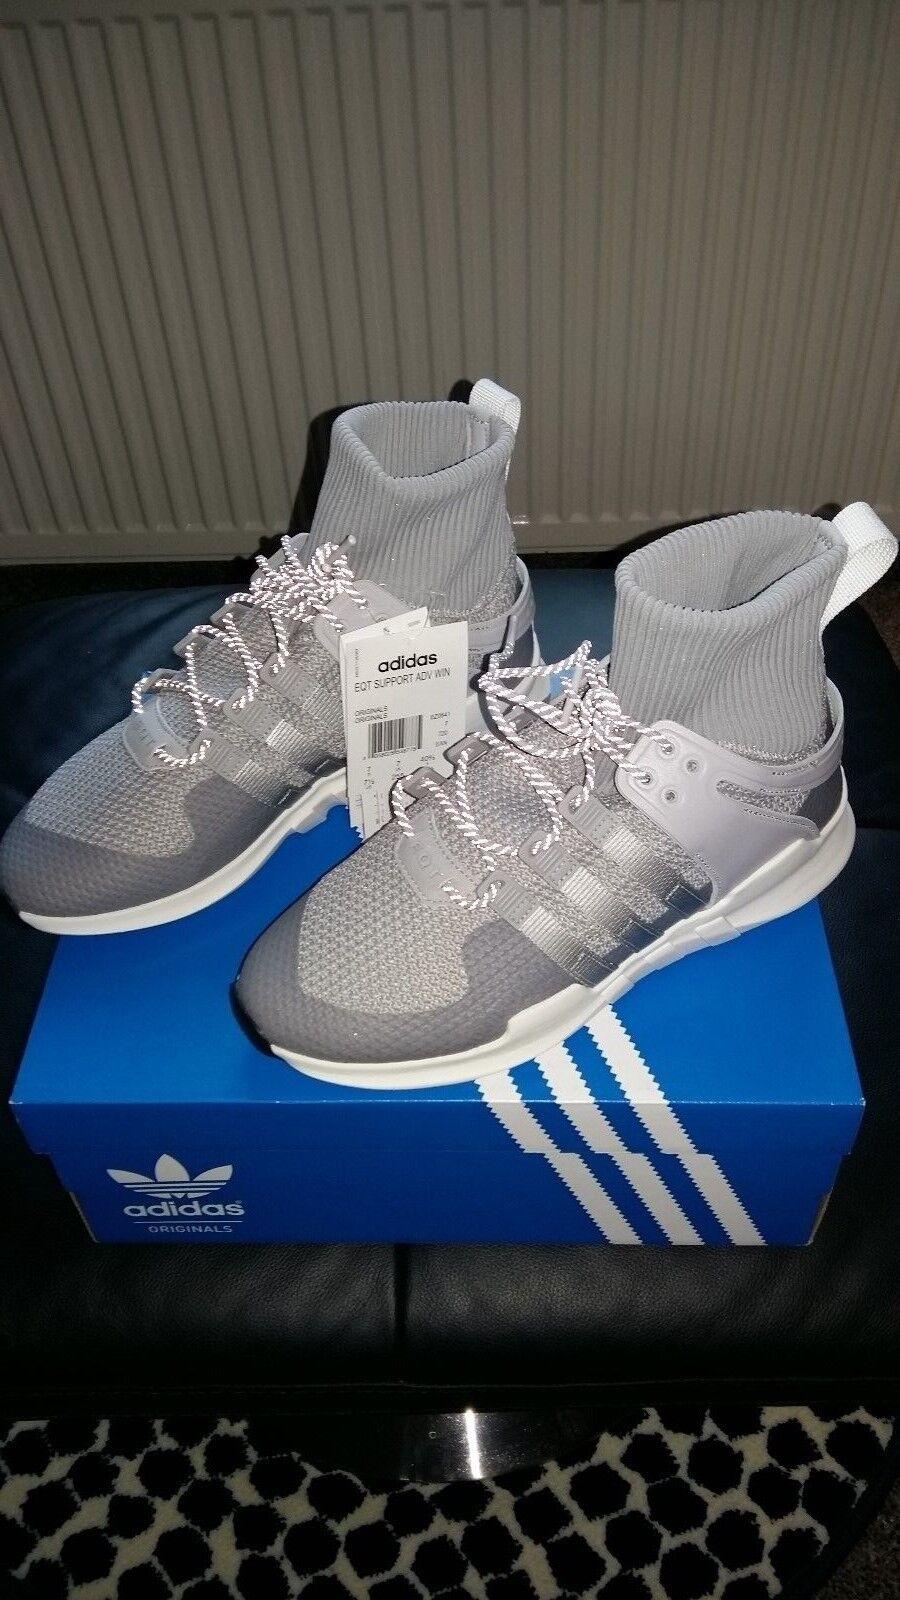 Originals Adidas EQT ADV  Winter Support  ORIGINALS. Unisex Taglia 7 UK EUR 40 2 3 | Valore Formidabile  | Uomini/Donne Scarpa